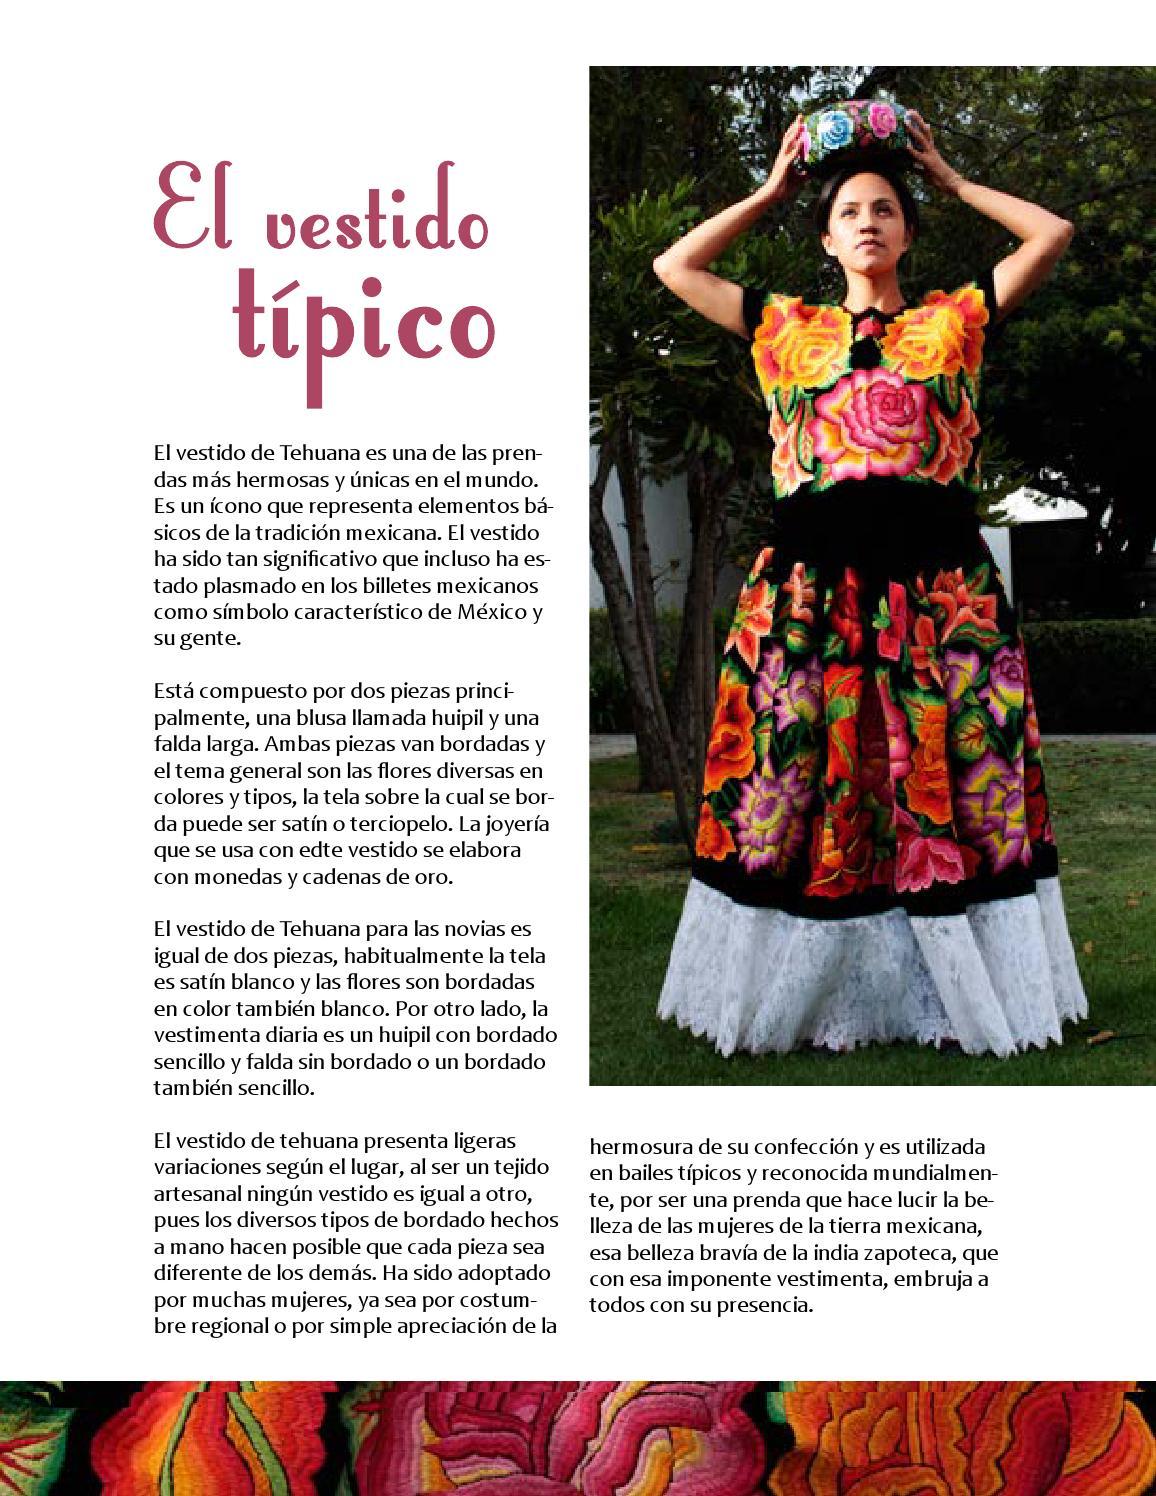 3a96e47257 Vestido de tehuana by Suzy B. González - issuu